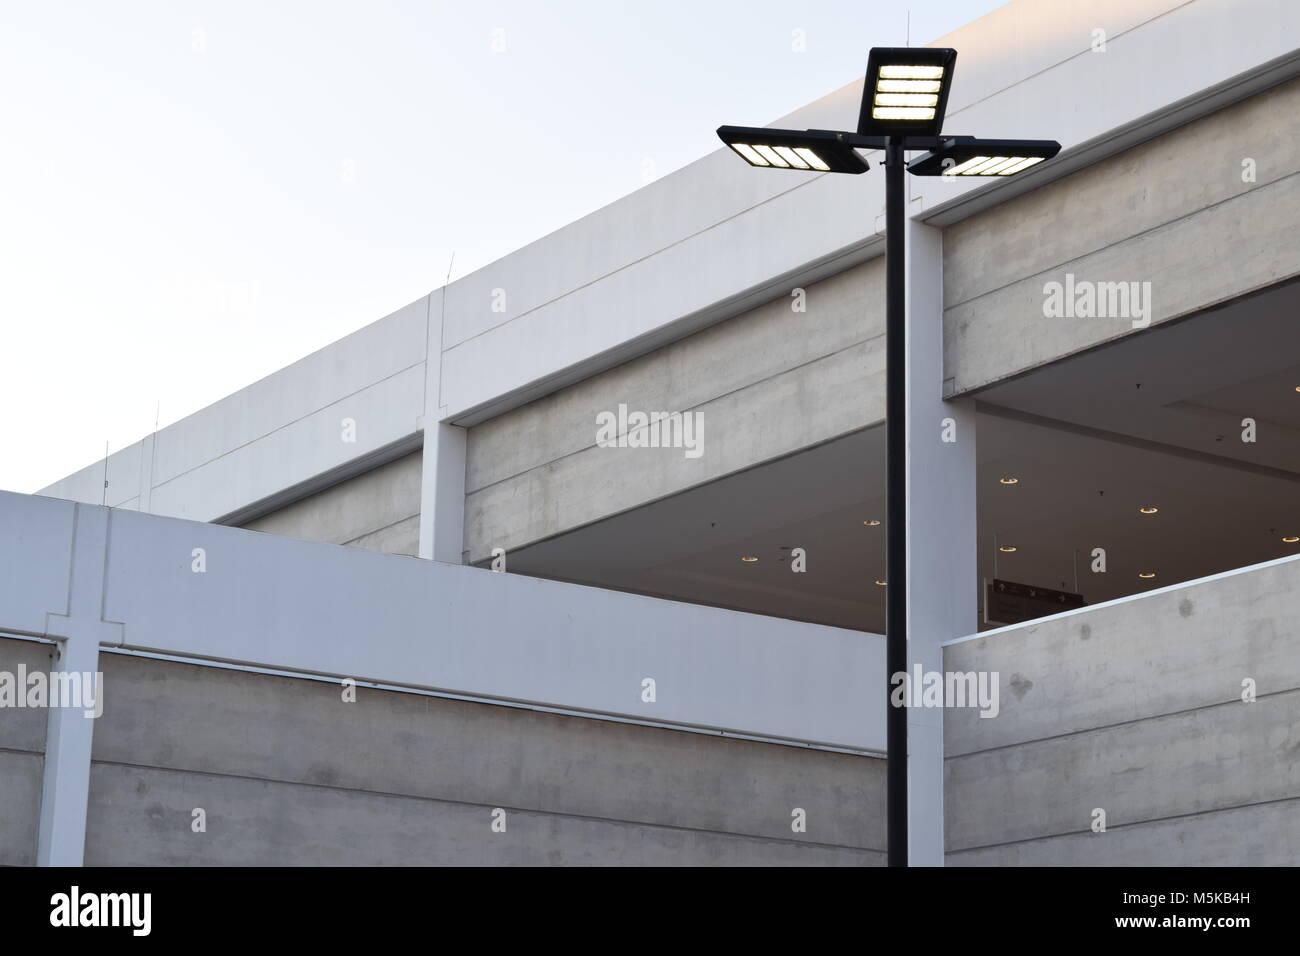 Precast Concrete Structures : Precast stock photos images alamy